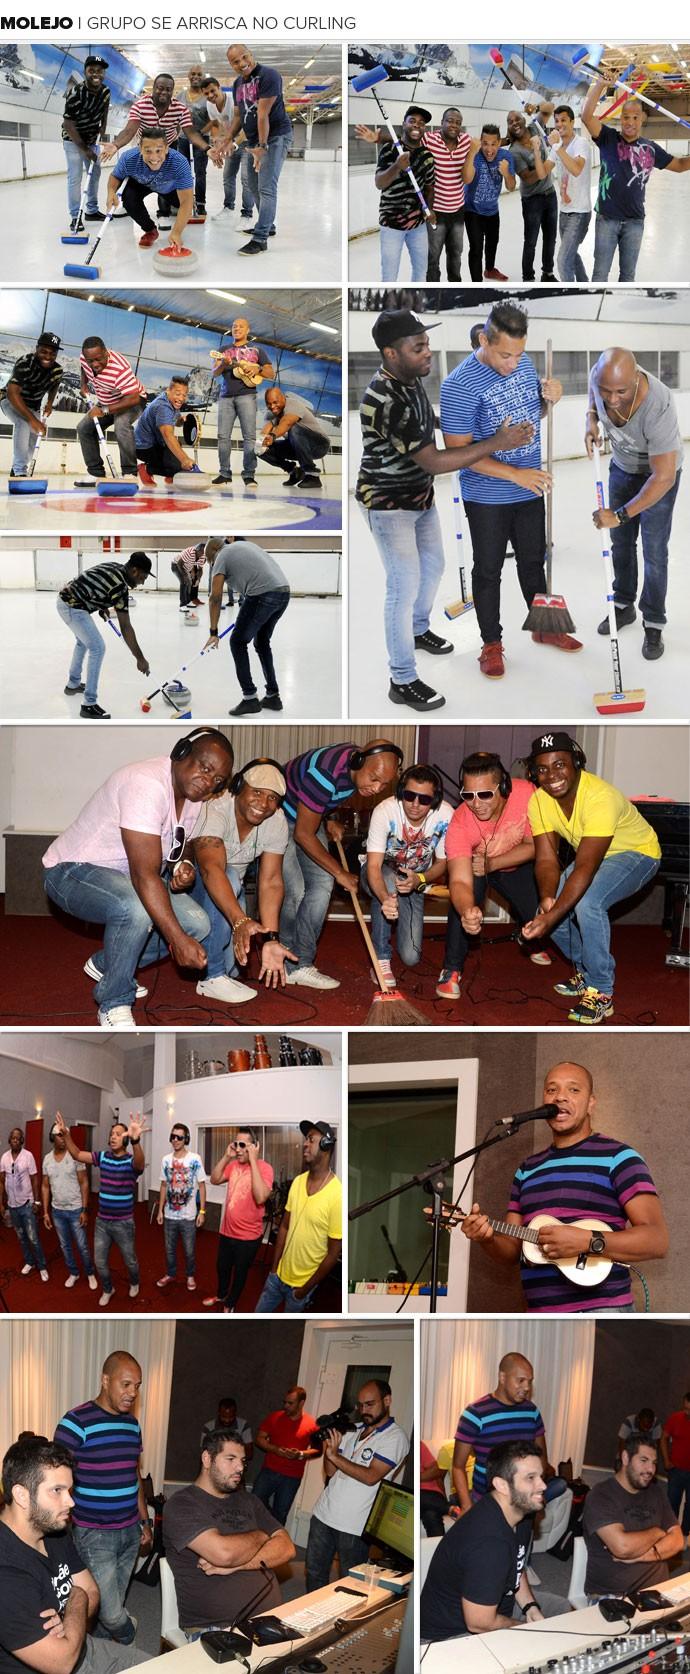 MOSAICO: Molejo - Grupo se arrisca no curling  (Foto: editoria de arte)